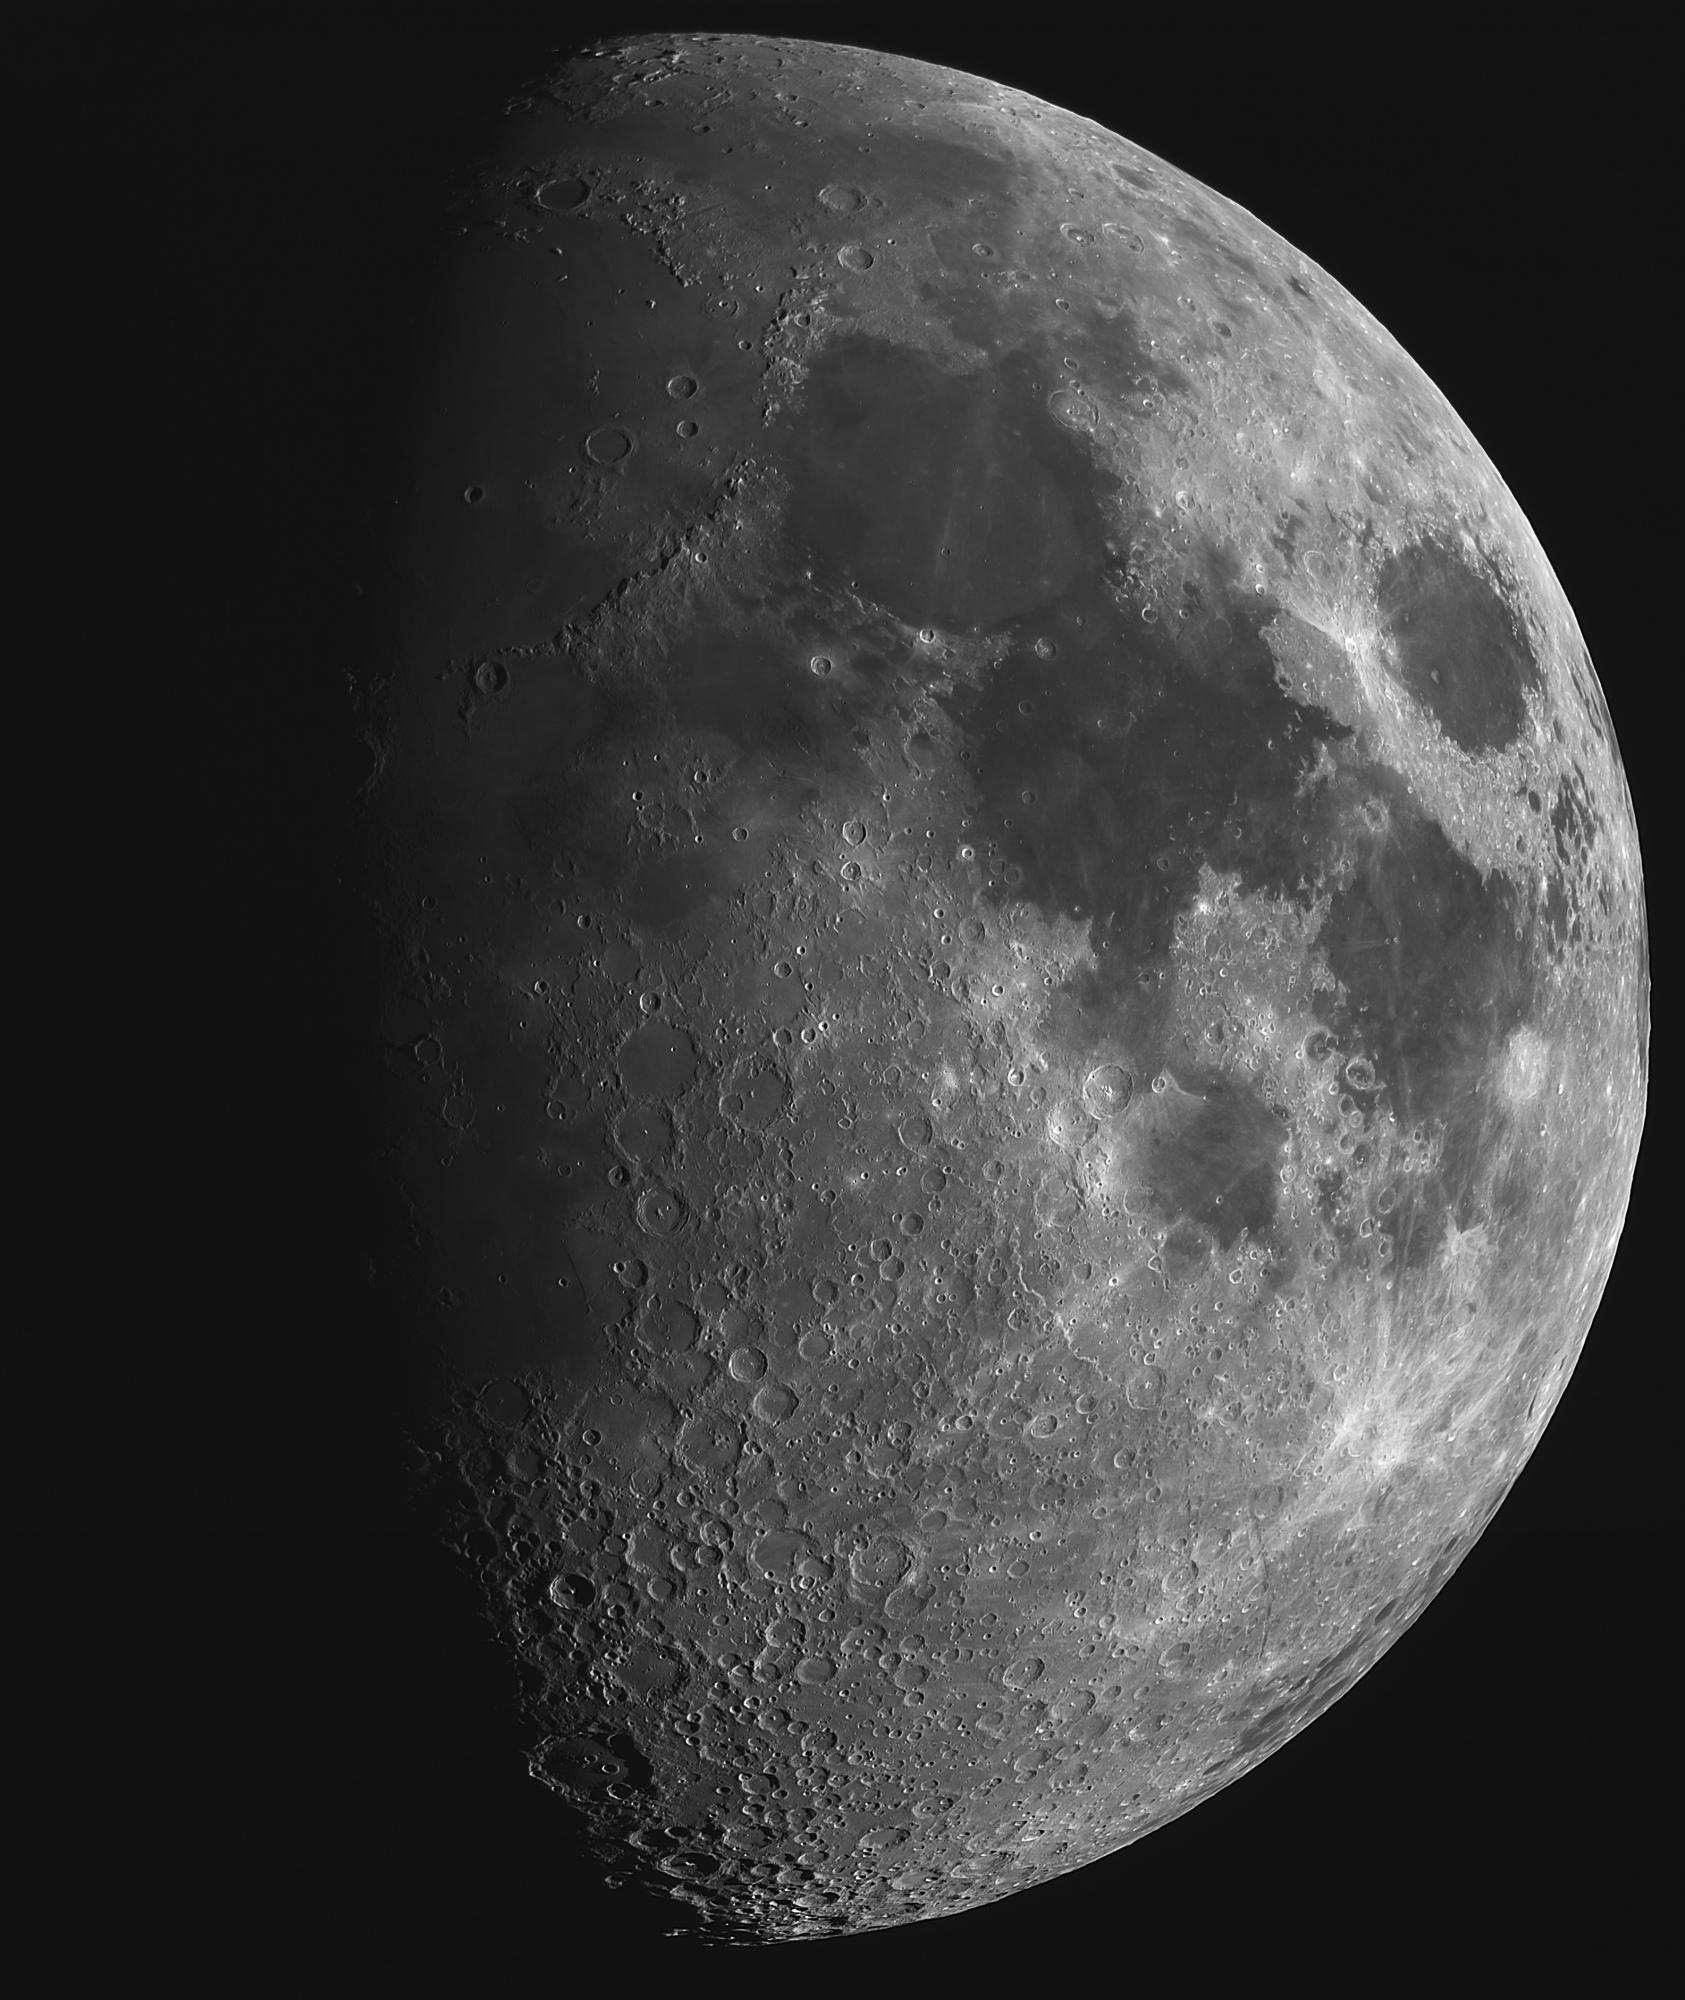 5fca8d7a774cf_Moon2906.thumb.jpg.733a7a03b09c3c03c30fc95f3e80d62c.jpg